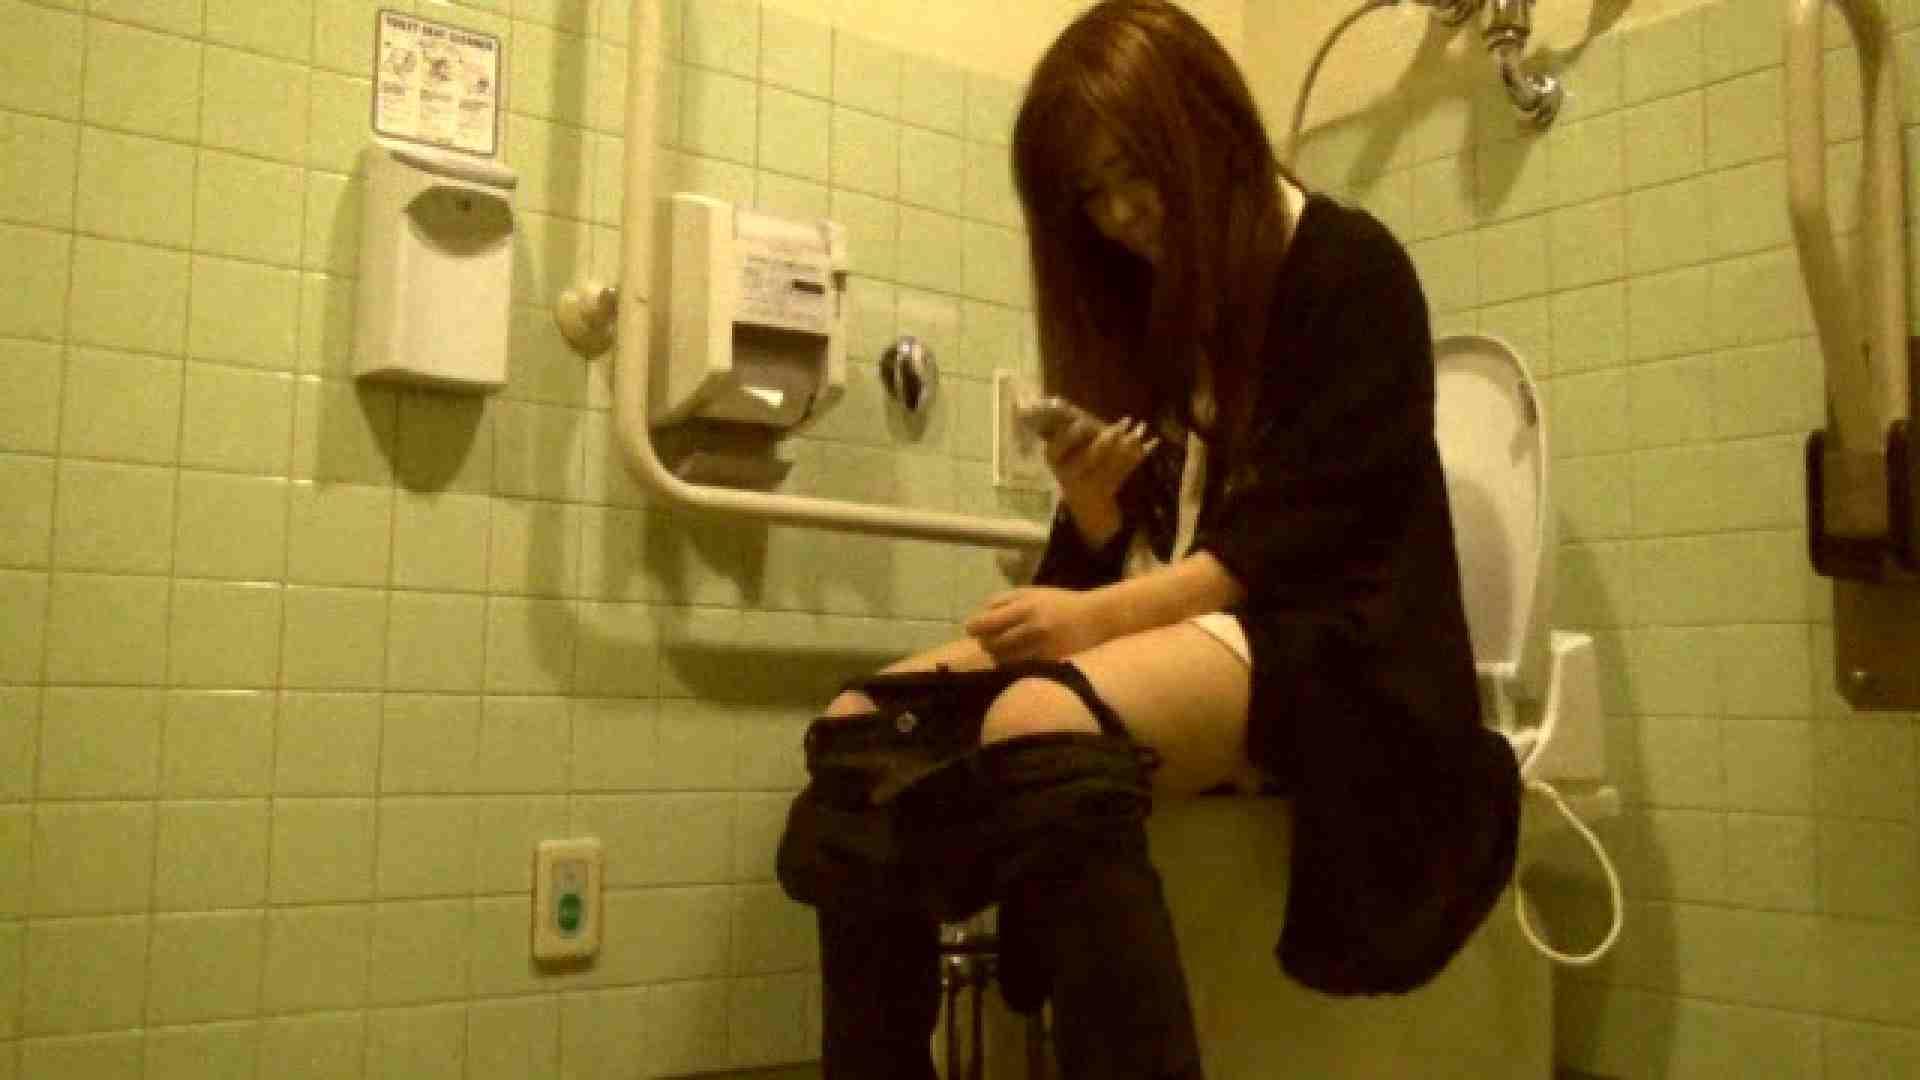 魔術師の お・も・て・な・し vol.26 19歳のバーの店員さんの洗面所をしばし… 洗面所 | 美女OL  54連発 33